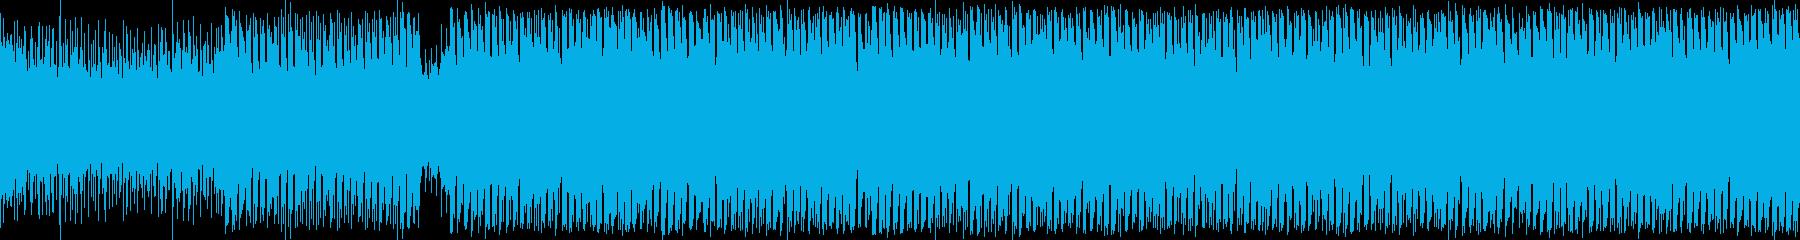 冒険が始まるようなシンセの旋律の曲の再生済みの波形